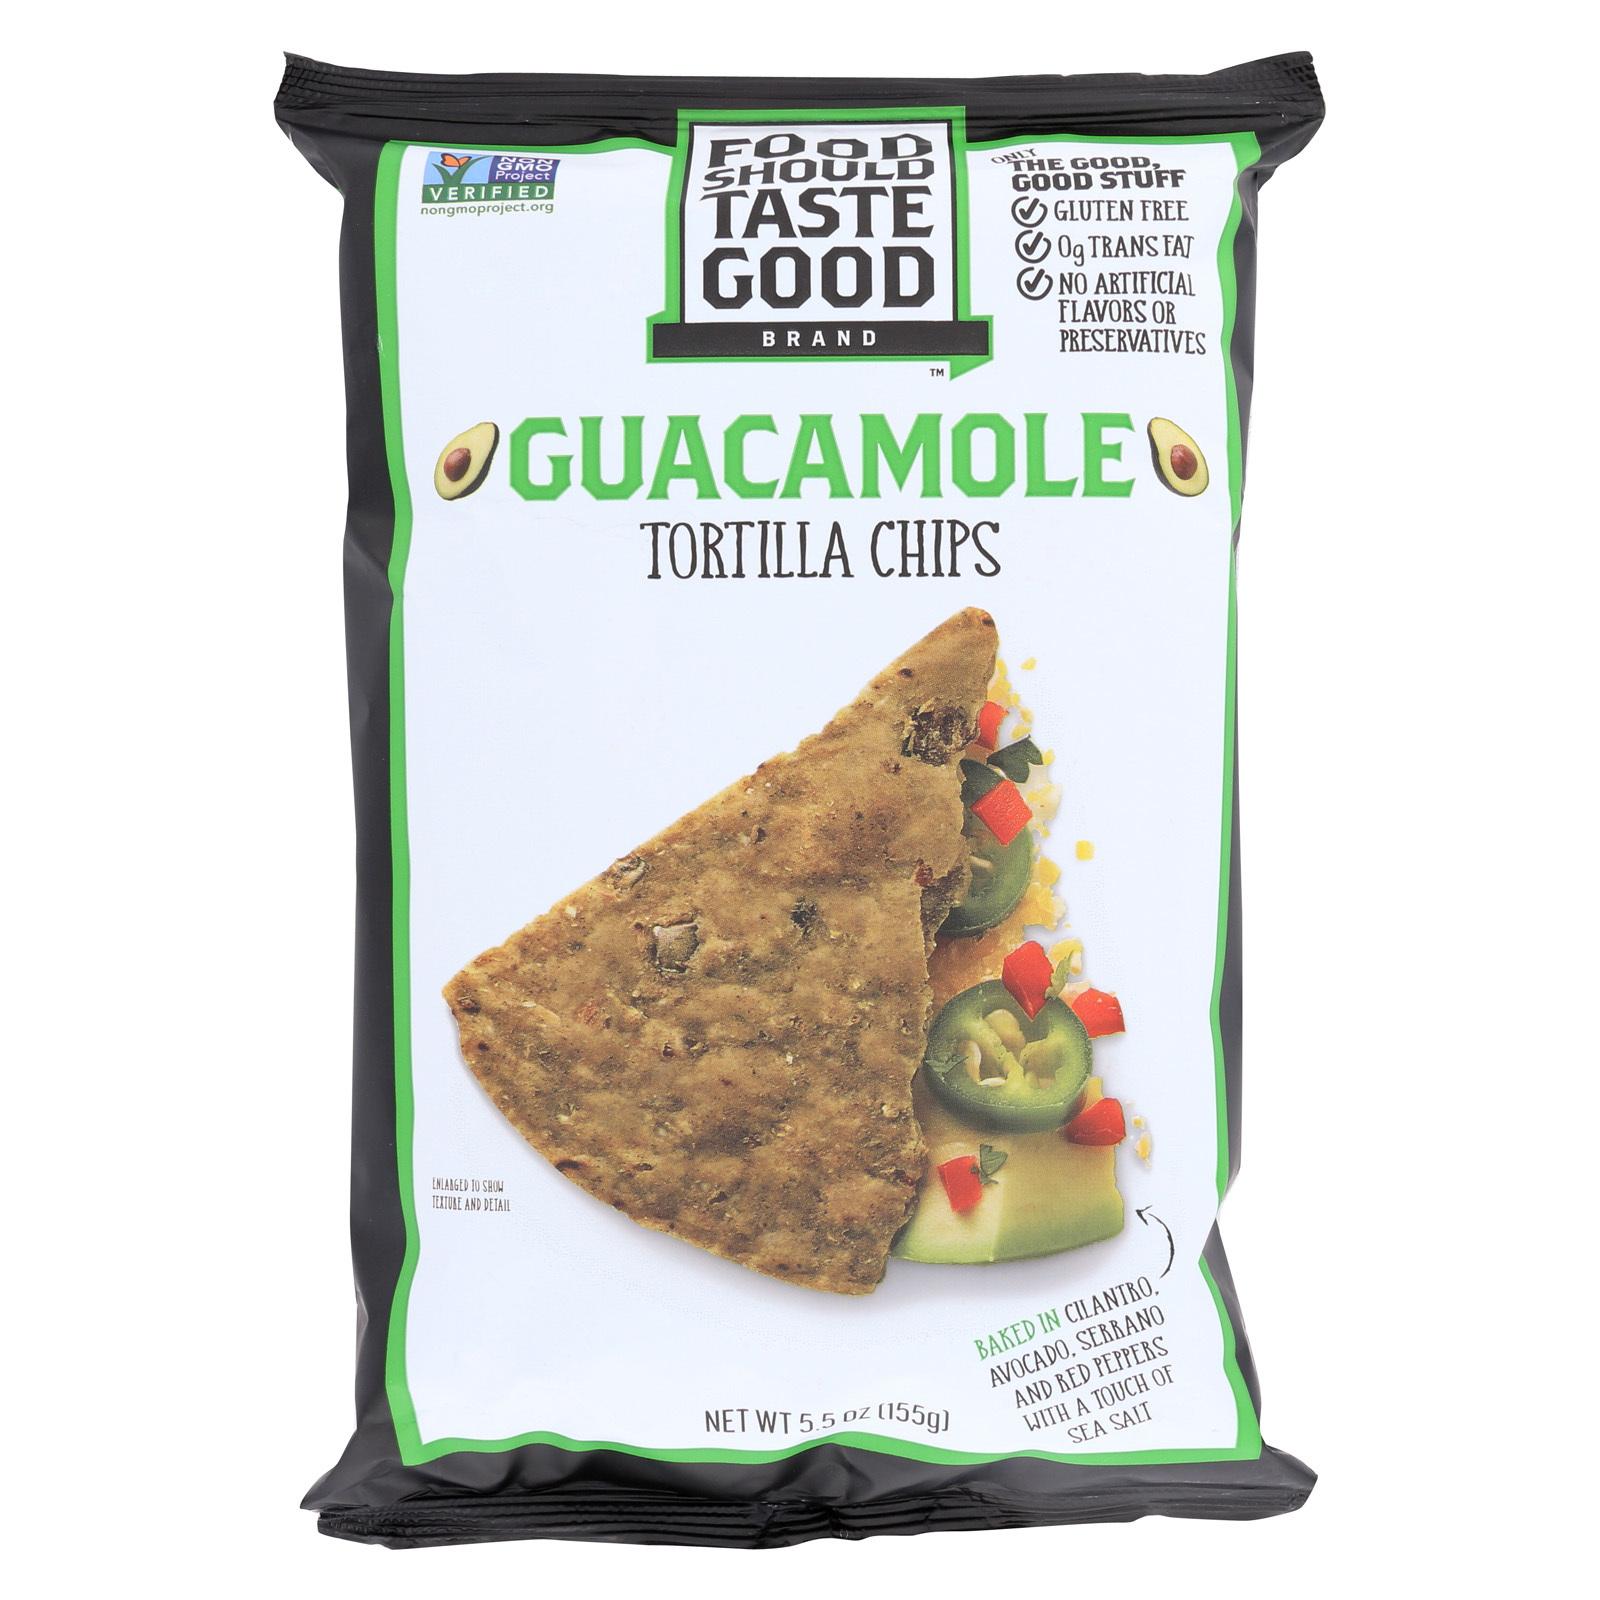 Food Should Taste Good Guacamole Tortilla Chips - Guacamole - Case of 12 - 5.5 oz.